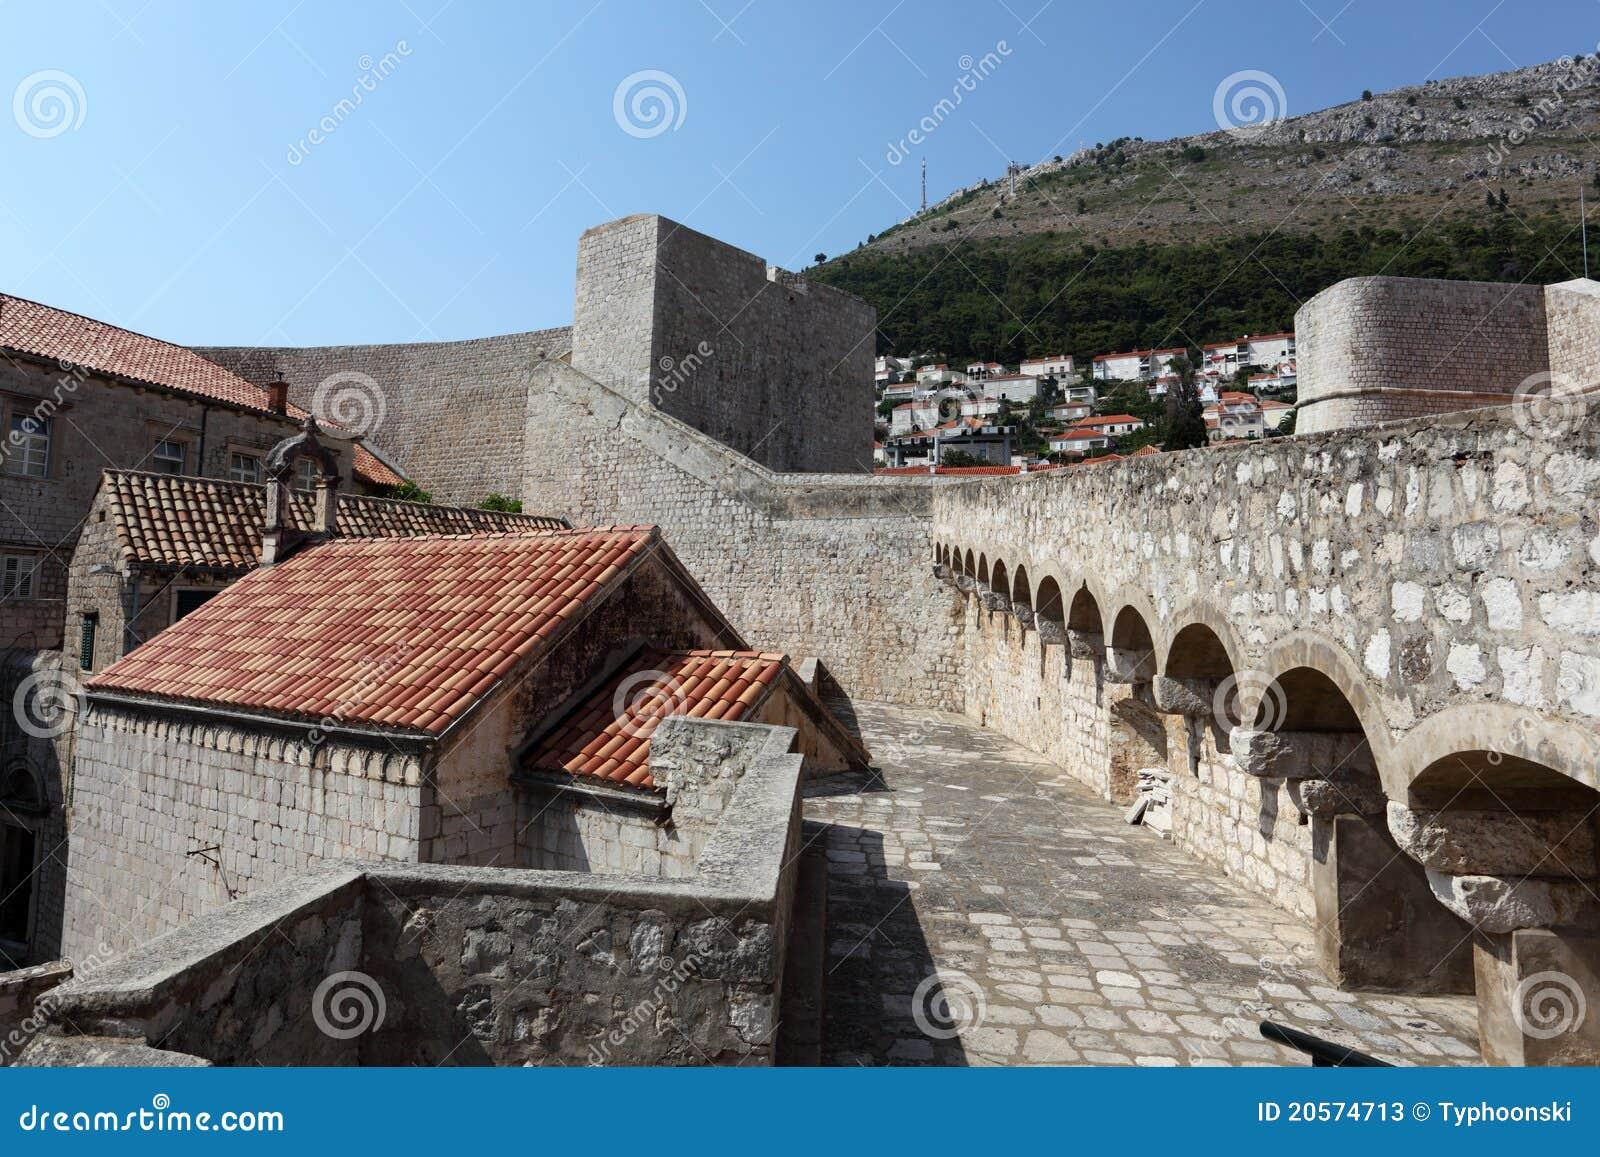 杜布罗夫尼克市筑了堡垒于墙壁